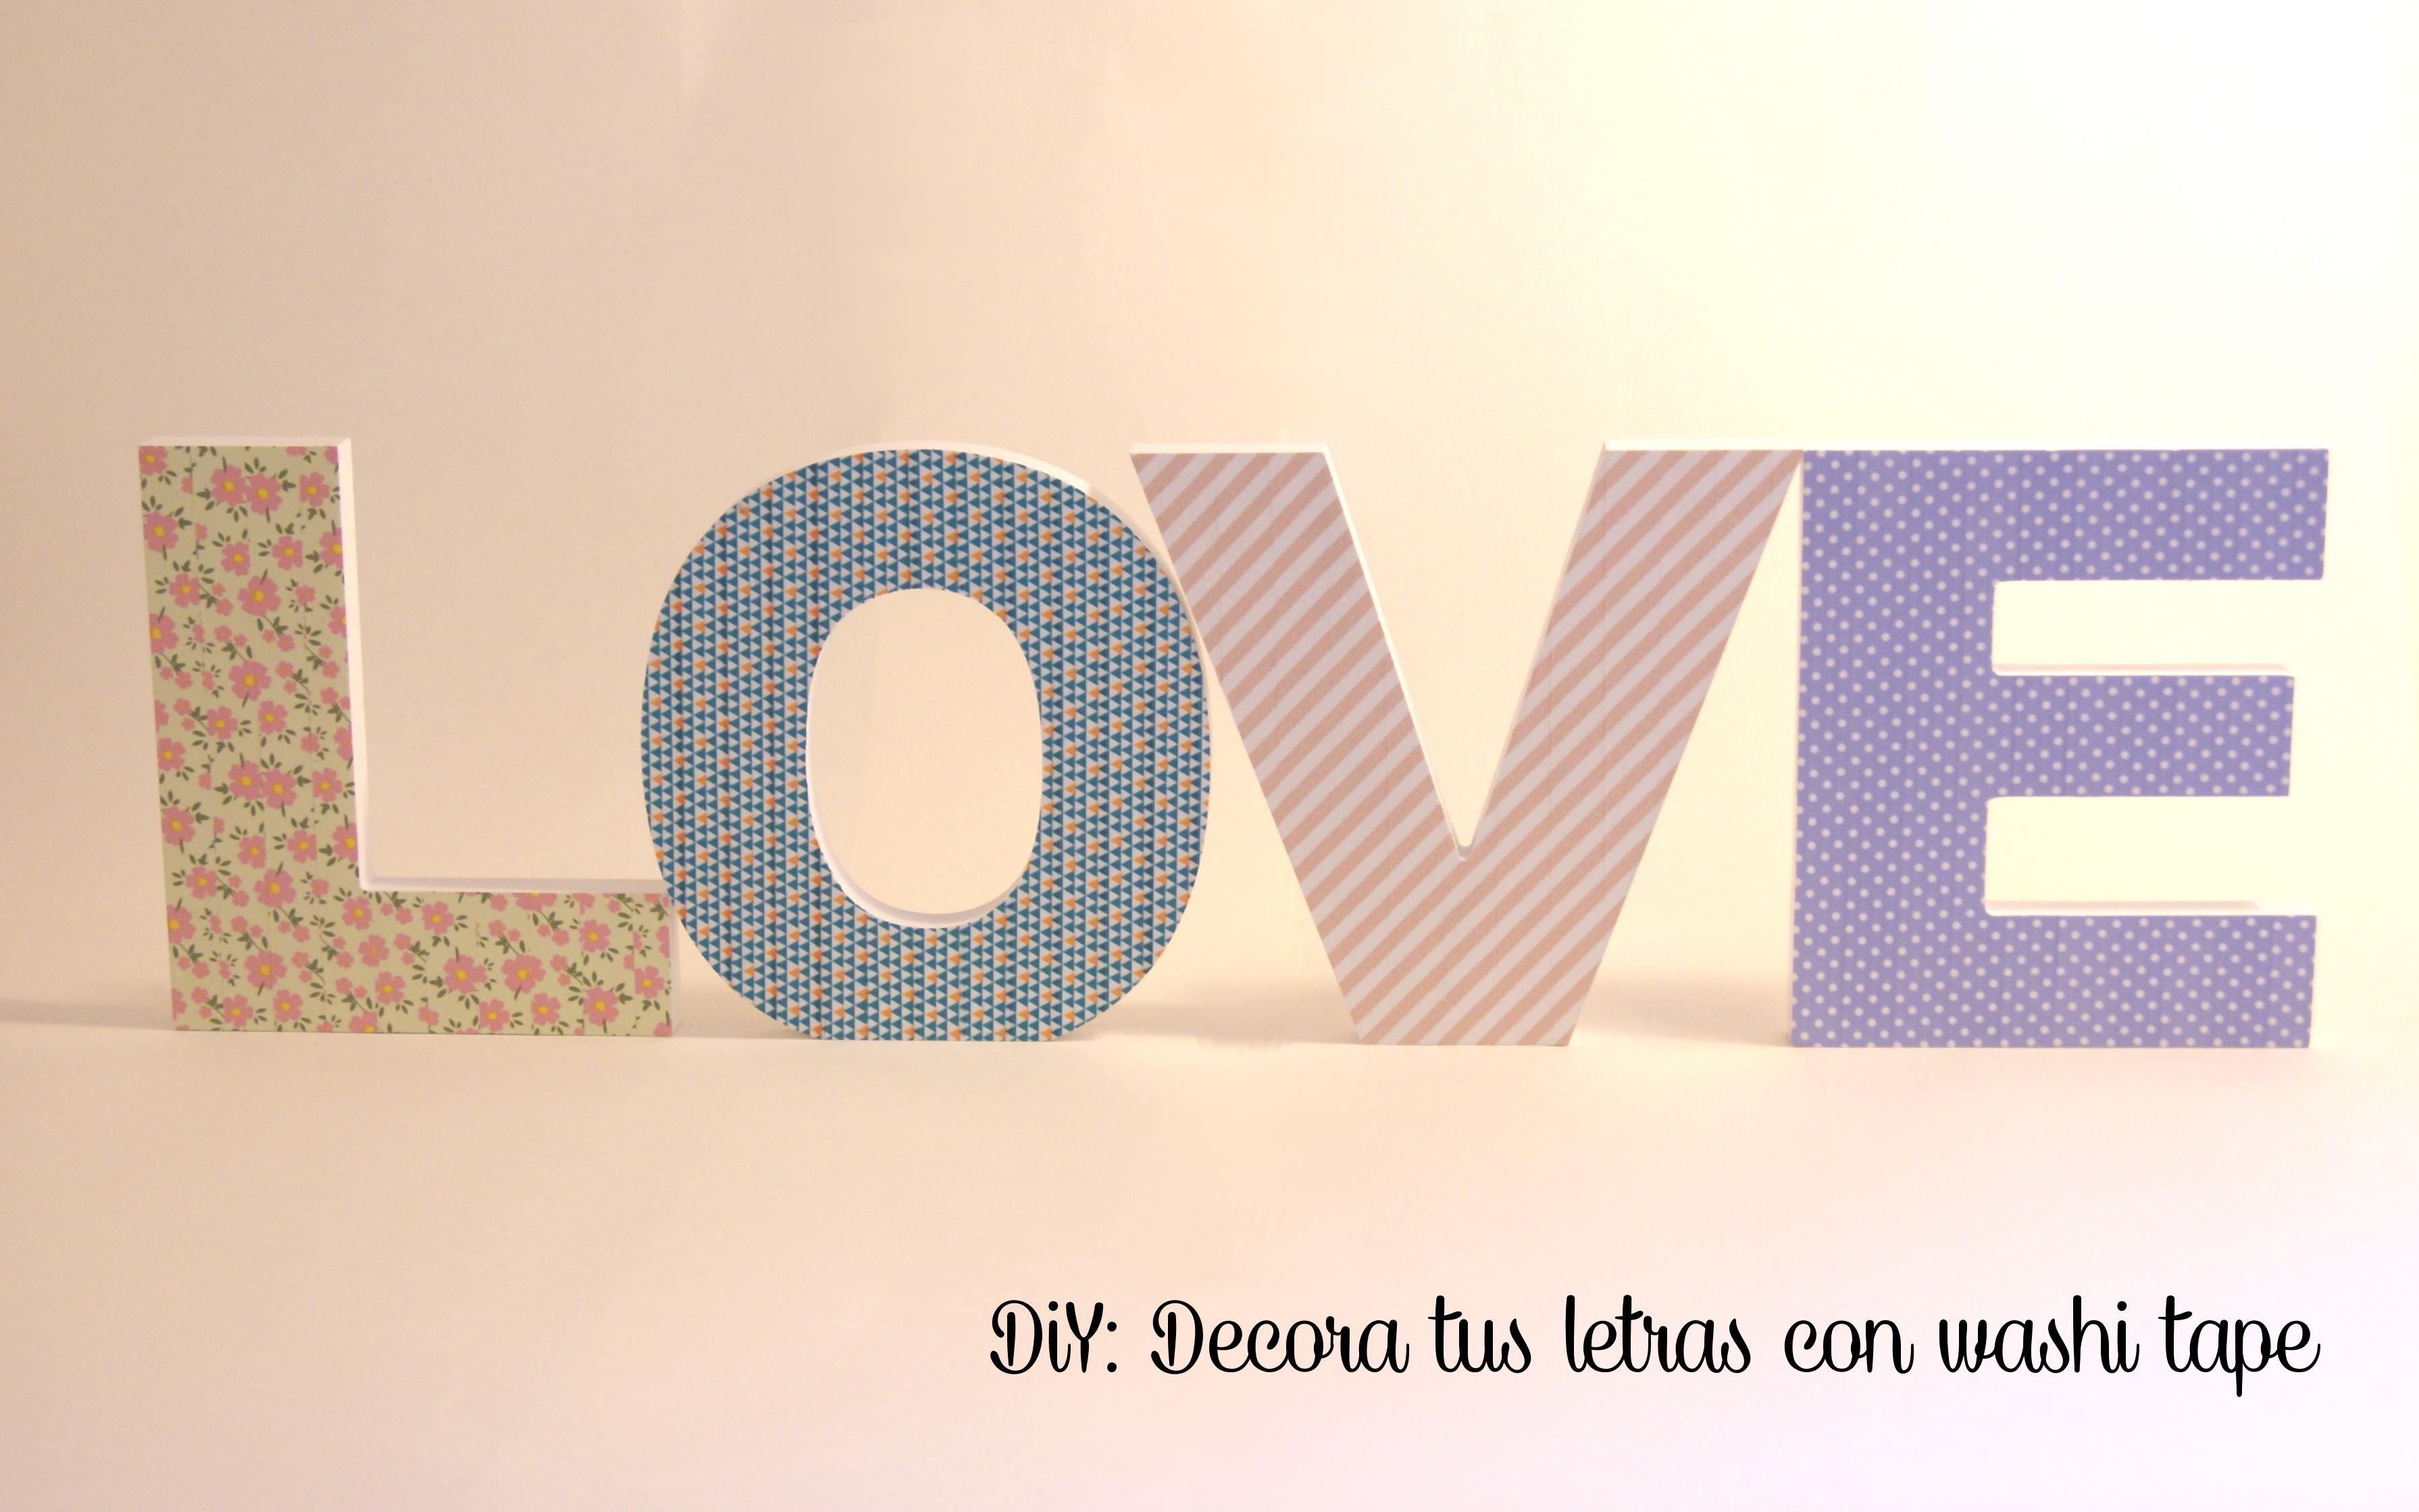 Diy decora tus letras con washi tape mi boda diy - Como decorar con washi tape ...